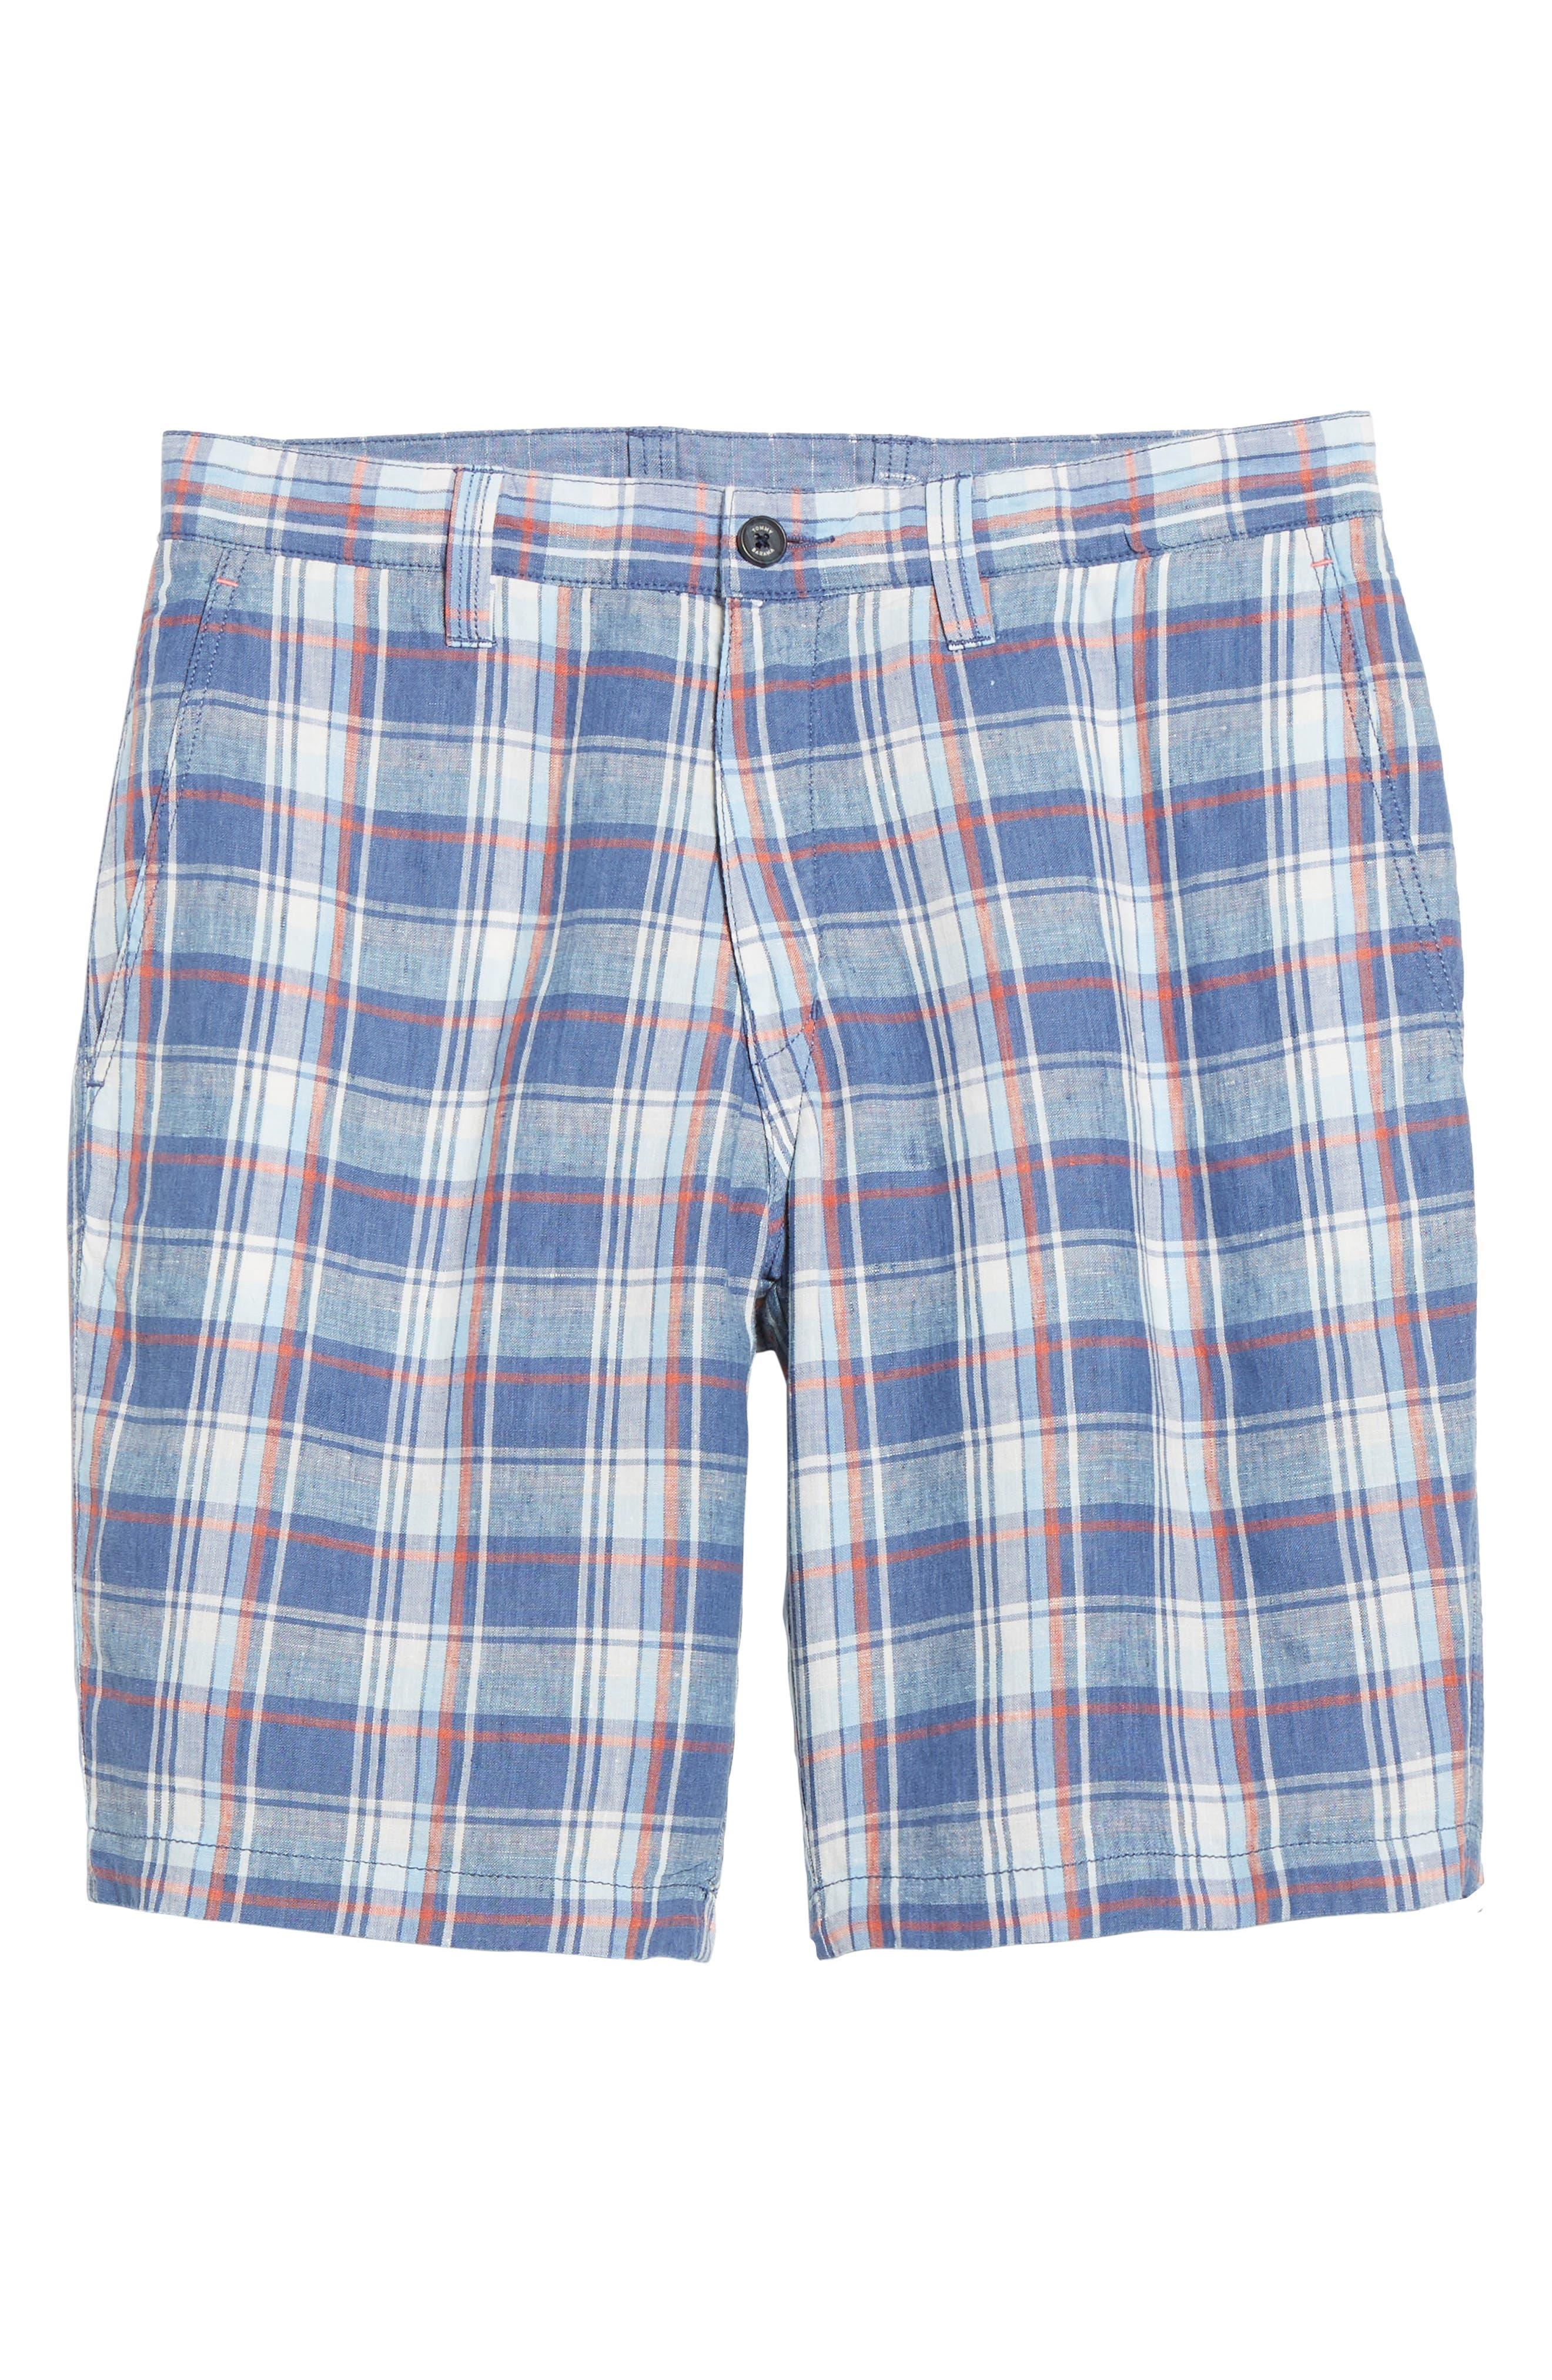 Plaid De Leon Reversible Shorts,                             Alternate thumbnail 14, color,